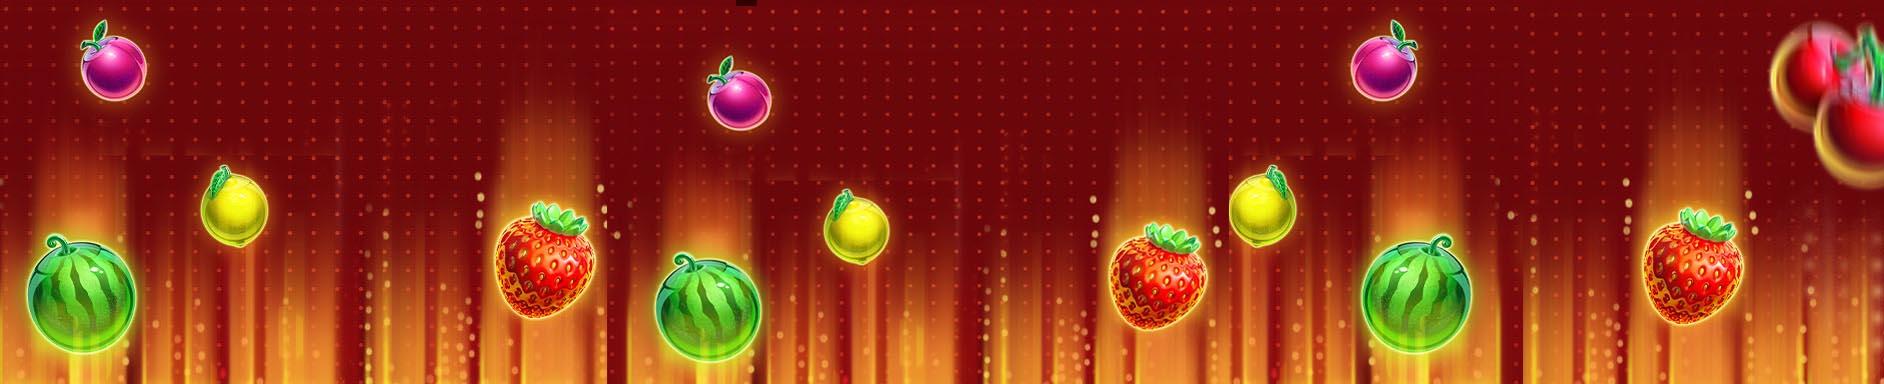 Fruit Slots are Trending - Enjoy Fruit Burst!